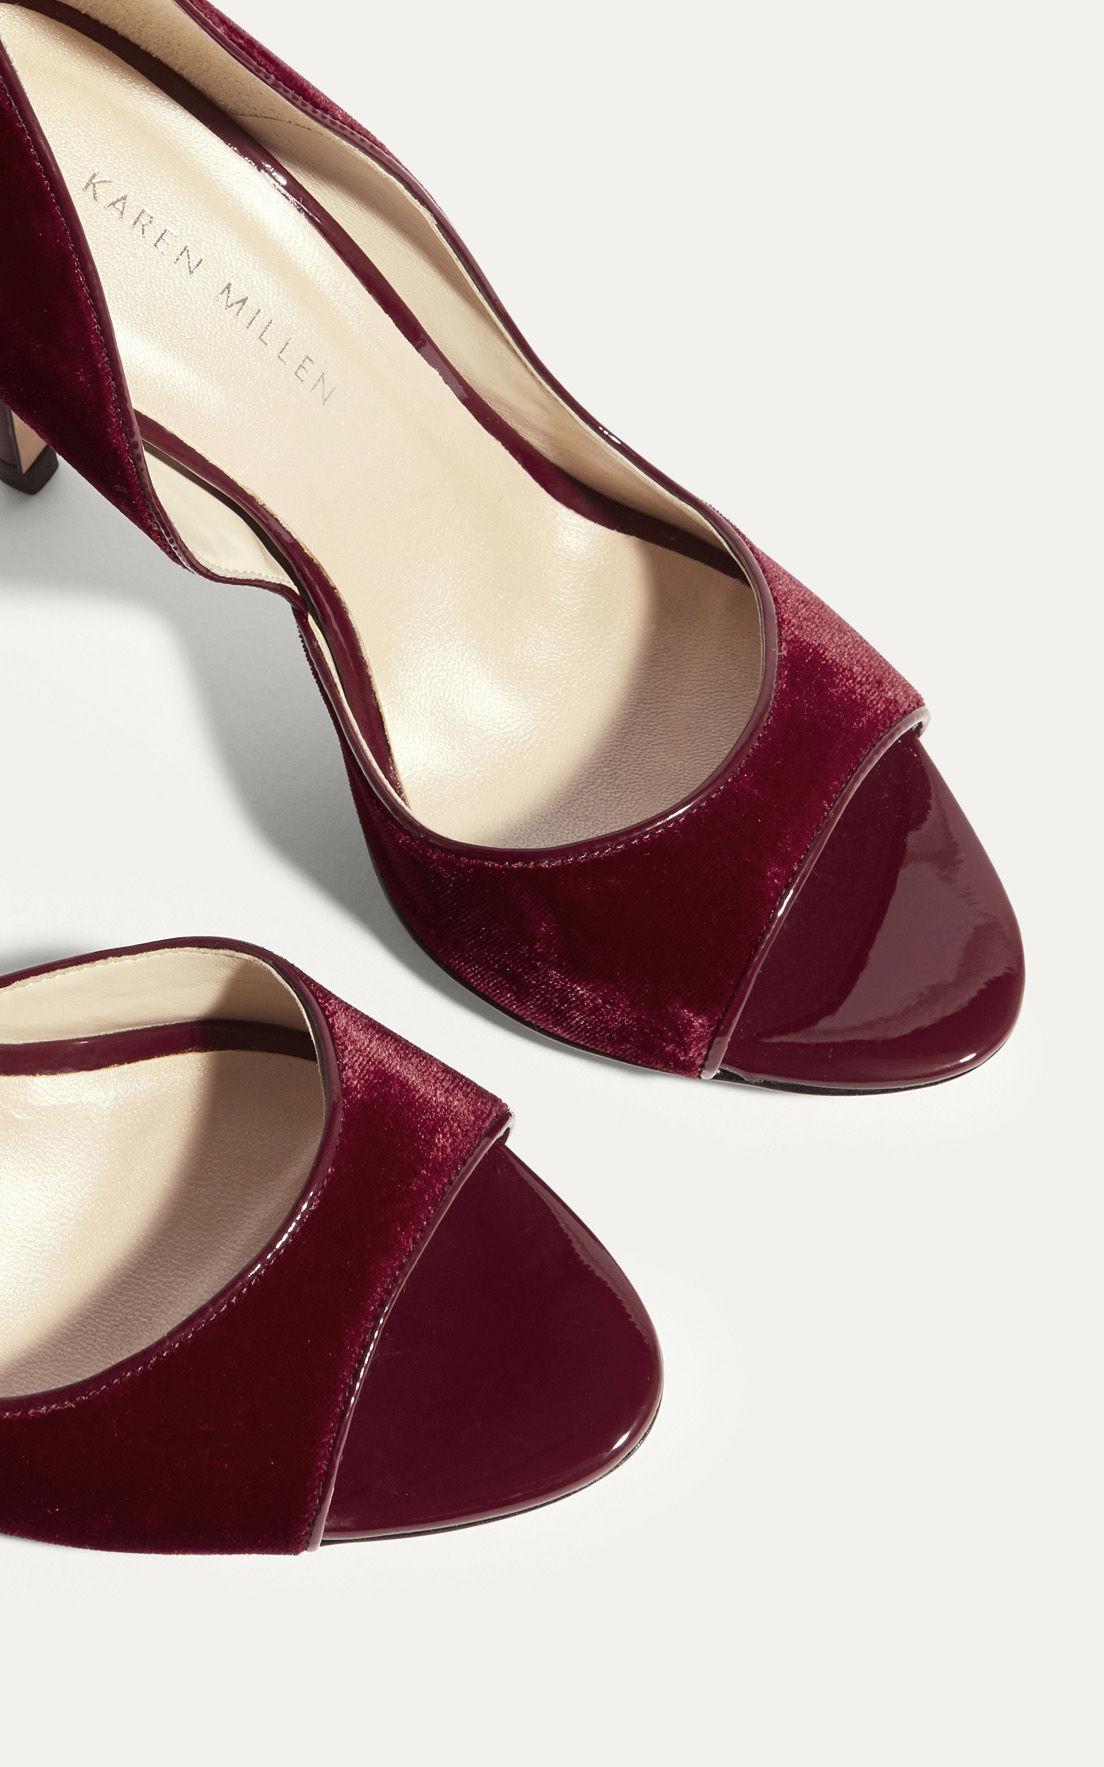 f8caa8b41e4 Karen Millen Velvet Open-toe Court Heels - Red in Red - Lyst